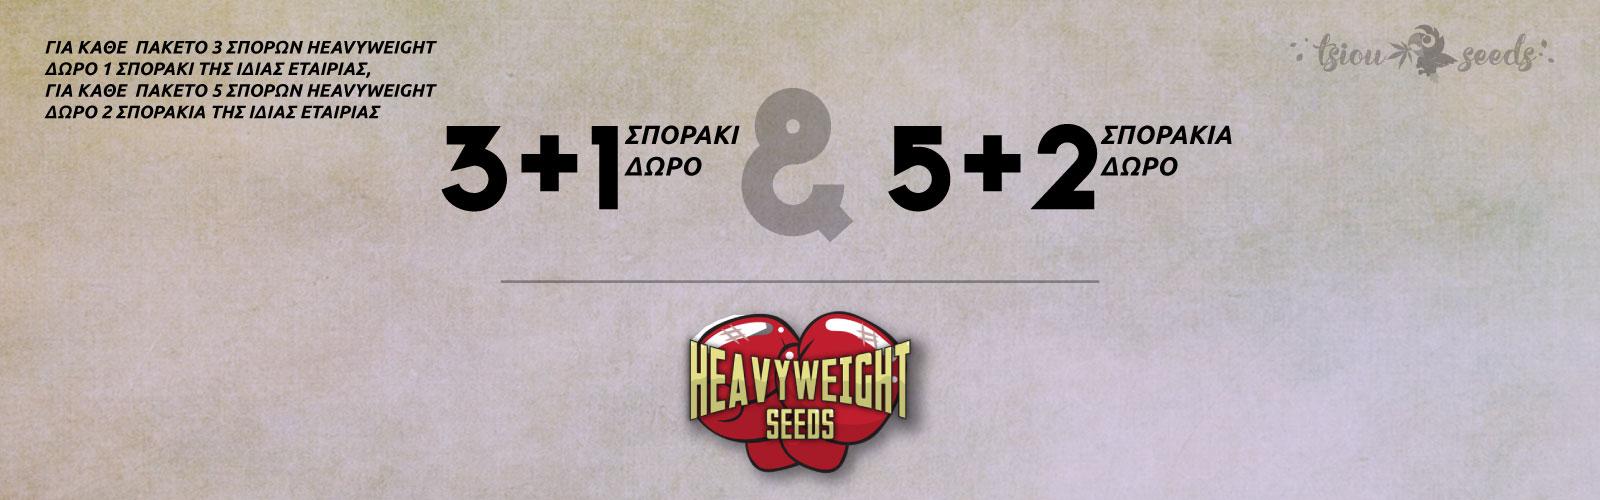 Heavyweight-Offer-2